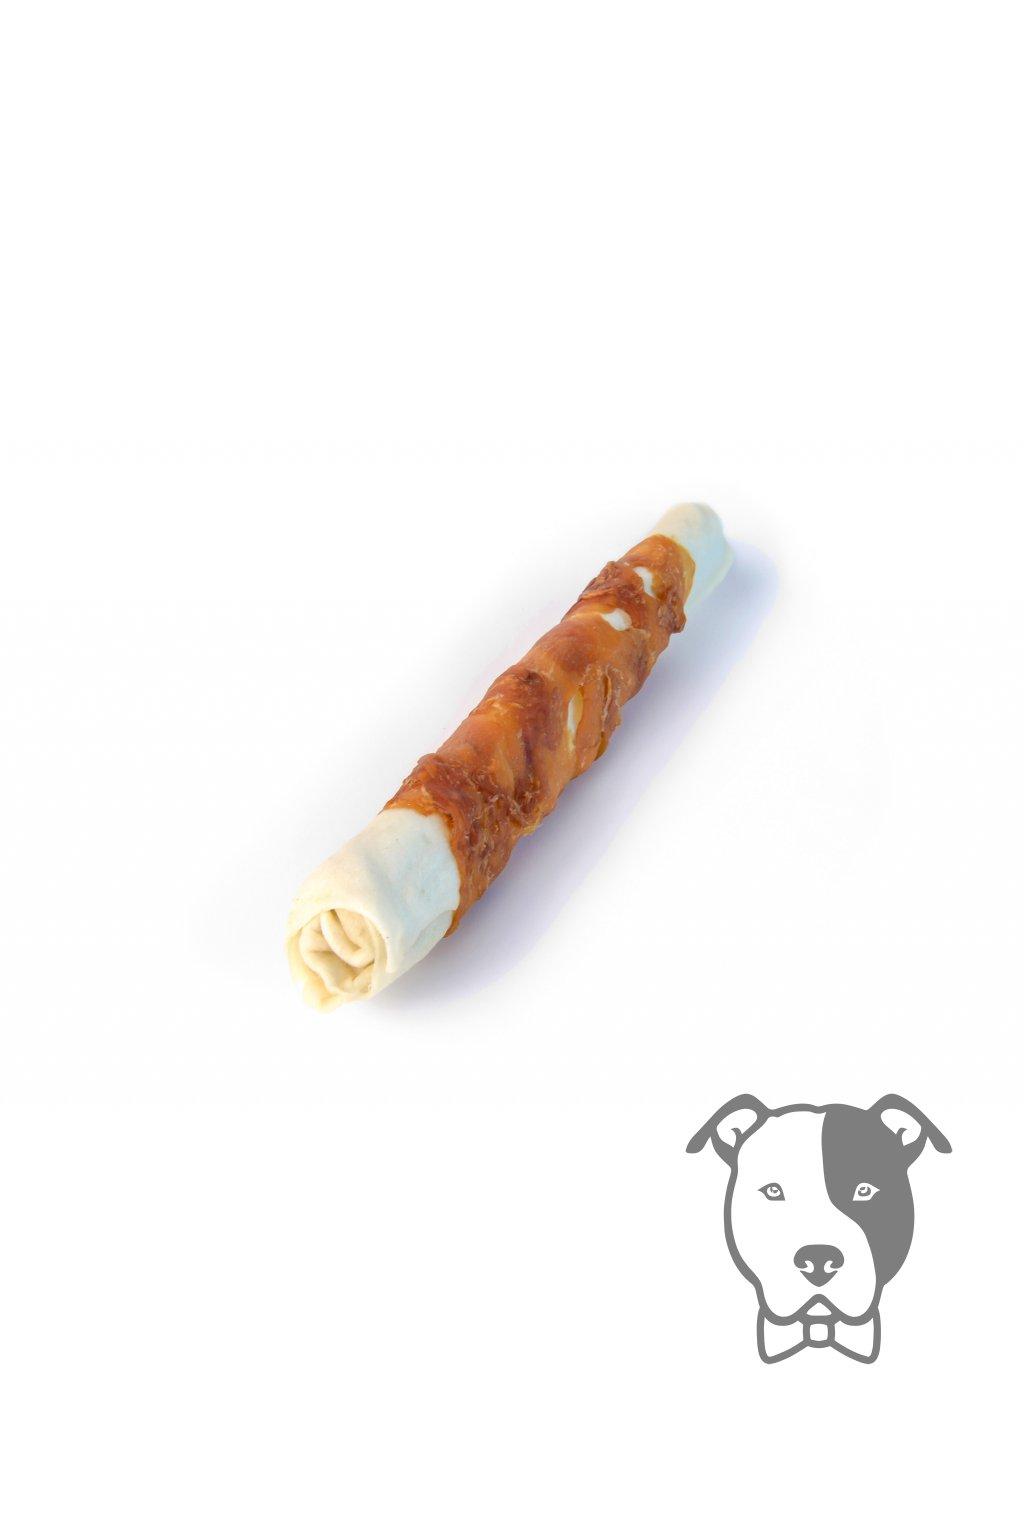 8019 2 magnum chicken roll on rawhide stick 10 105g 5 1 zdarma